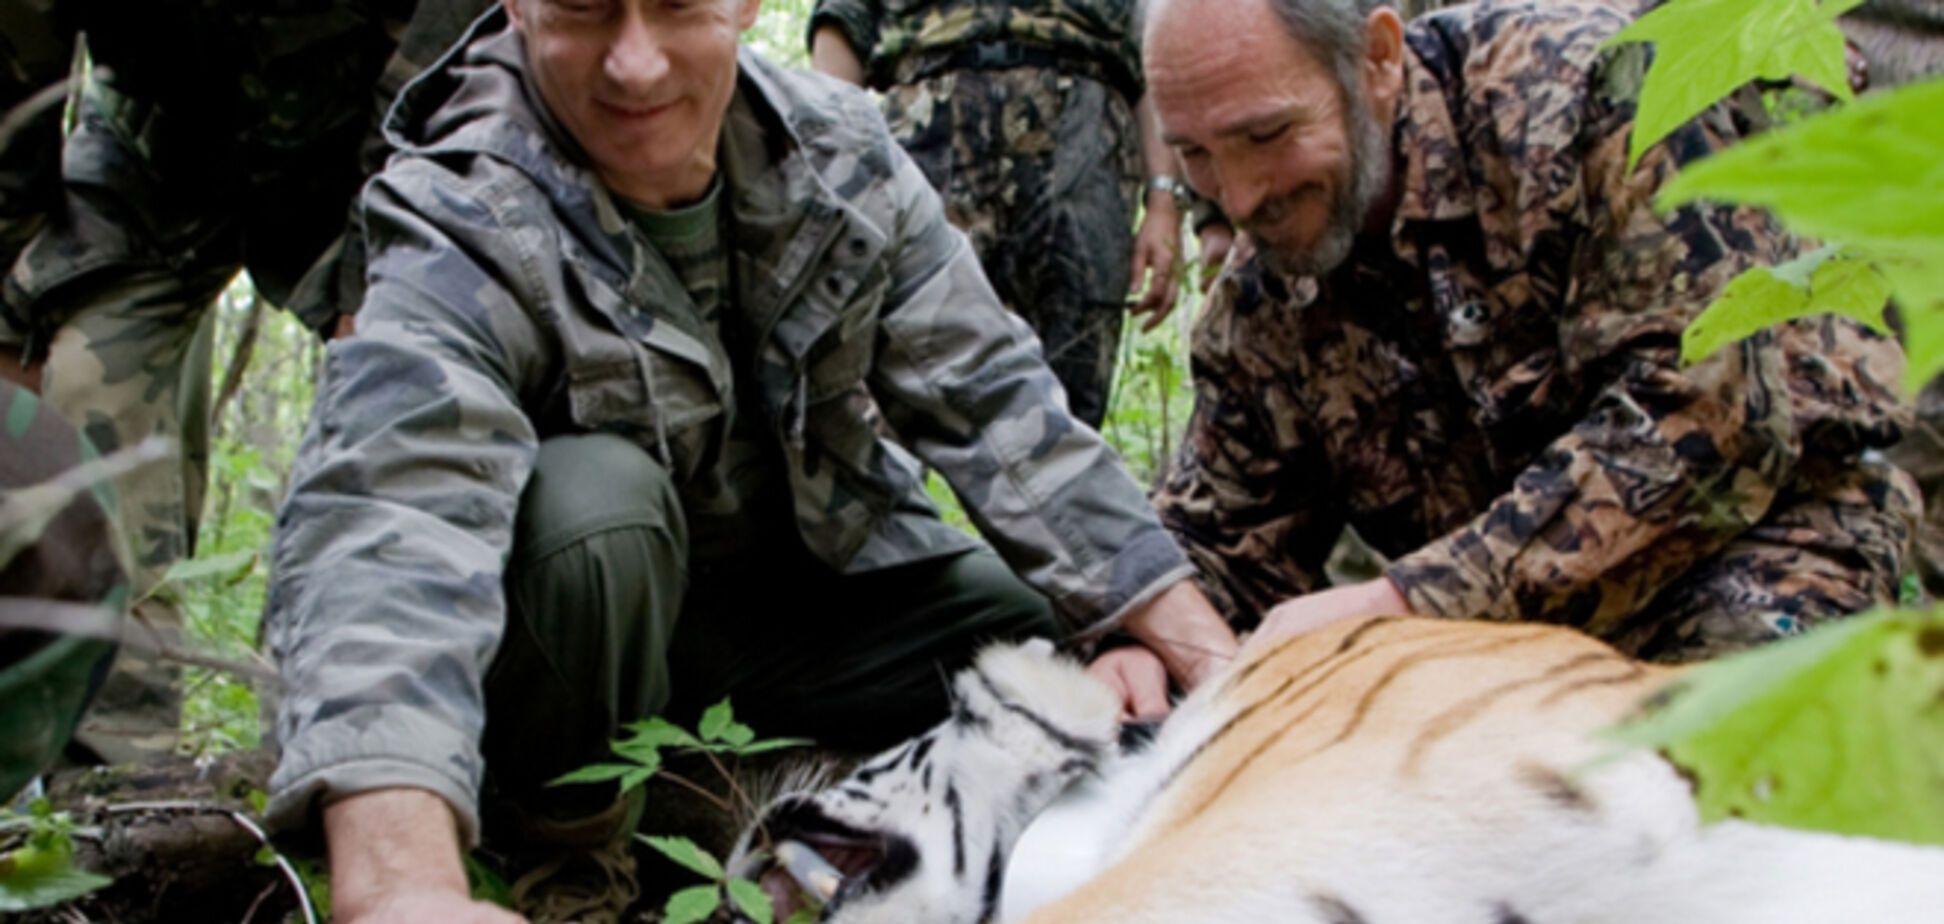 Амурские тигры убежали из России в Китай вслед за путинским тигром Кузей